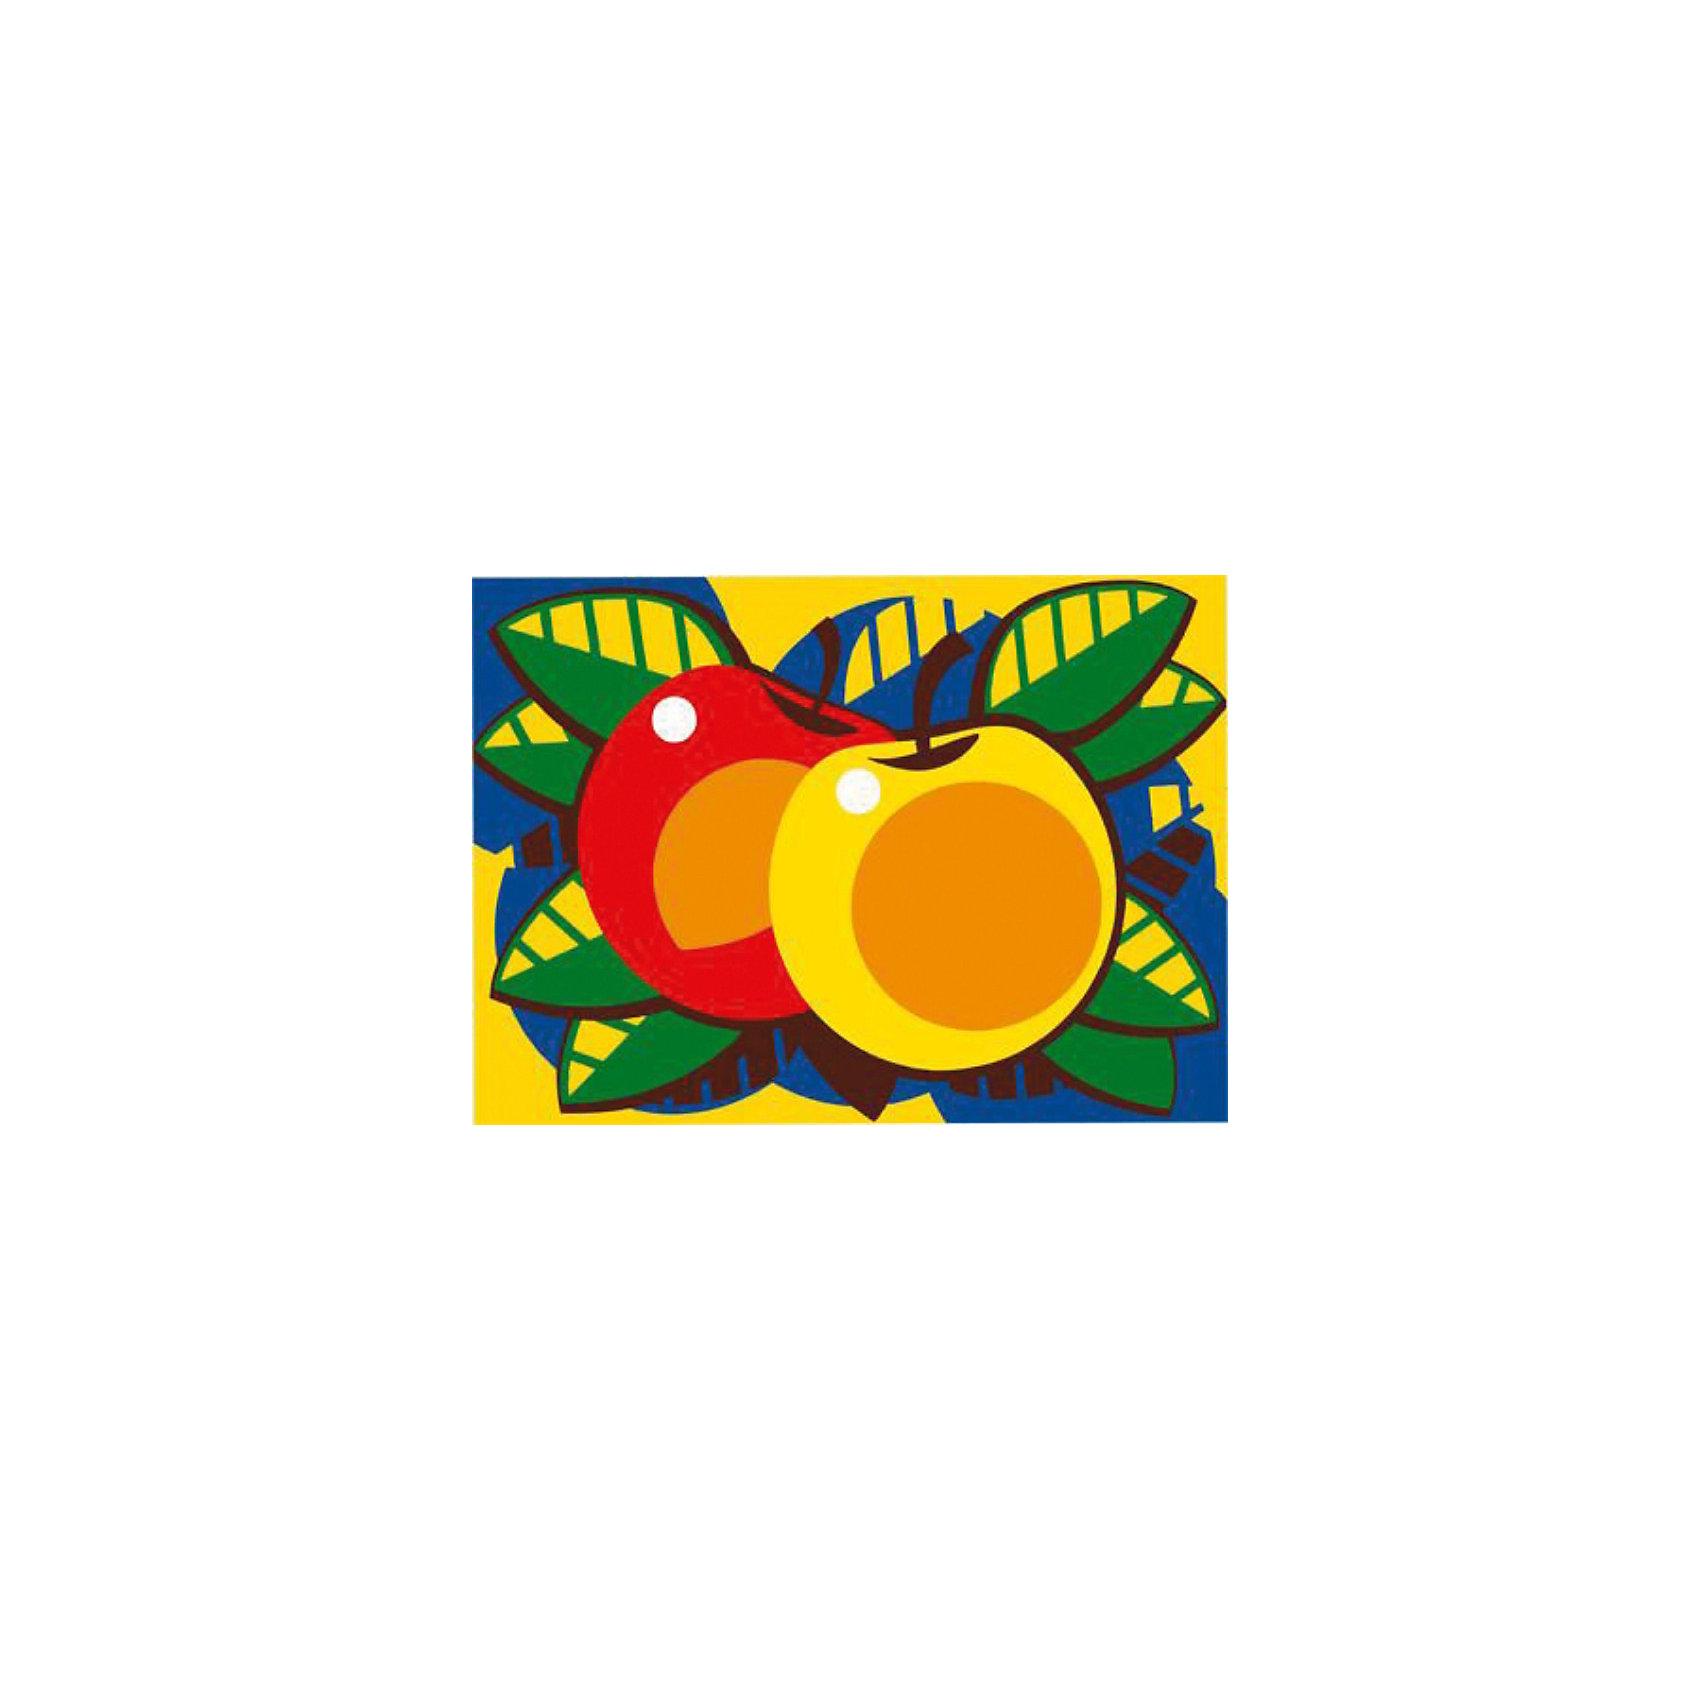 Фантазер Фреска ЯблокиНабор для создания картины из кварцевого песка ЯБЛОКИ. При помощи специальной трехслойной основы можно легко создать необычную песчаную картину. Процесс создания картины очень прост, а результат великолепен!<br>В комплект входит  3х-слойная основа с высеченным трафаретом, пакетики с цветным песком, картинка-шаблон с указанием номера цвета, заготовка рамки.<br><br>Дополнительная информация:<br><br>- размер картины без рамки: 17х13 см.<br>- материал: цветной полимерный песок, бумага, пластмасса <br>- размер упаковки (картонная коробка) (д/ш/в)  : 18х22х5 см.<br>- вес: 205 гр.<br><br>Фантазер Фреска Яблоки можно купить в нашем магазине.<br><br>Ширина мм: 185<br>Глубина мм: 50<br>Высота мм: 220<br>Вес г: 200<br>Возраст от месяцев: 60<br>Возраст до месяцев: 1188<br>Пол: Унисекс<br>Возраст: Детский<br>SKU: 2331357